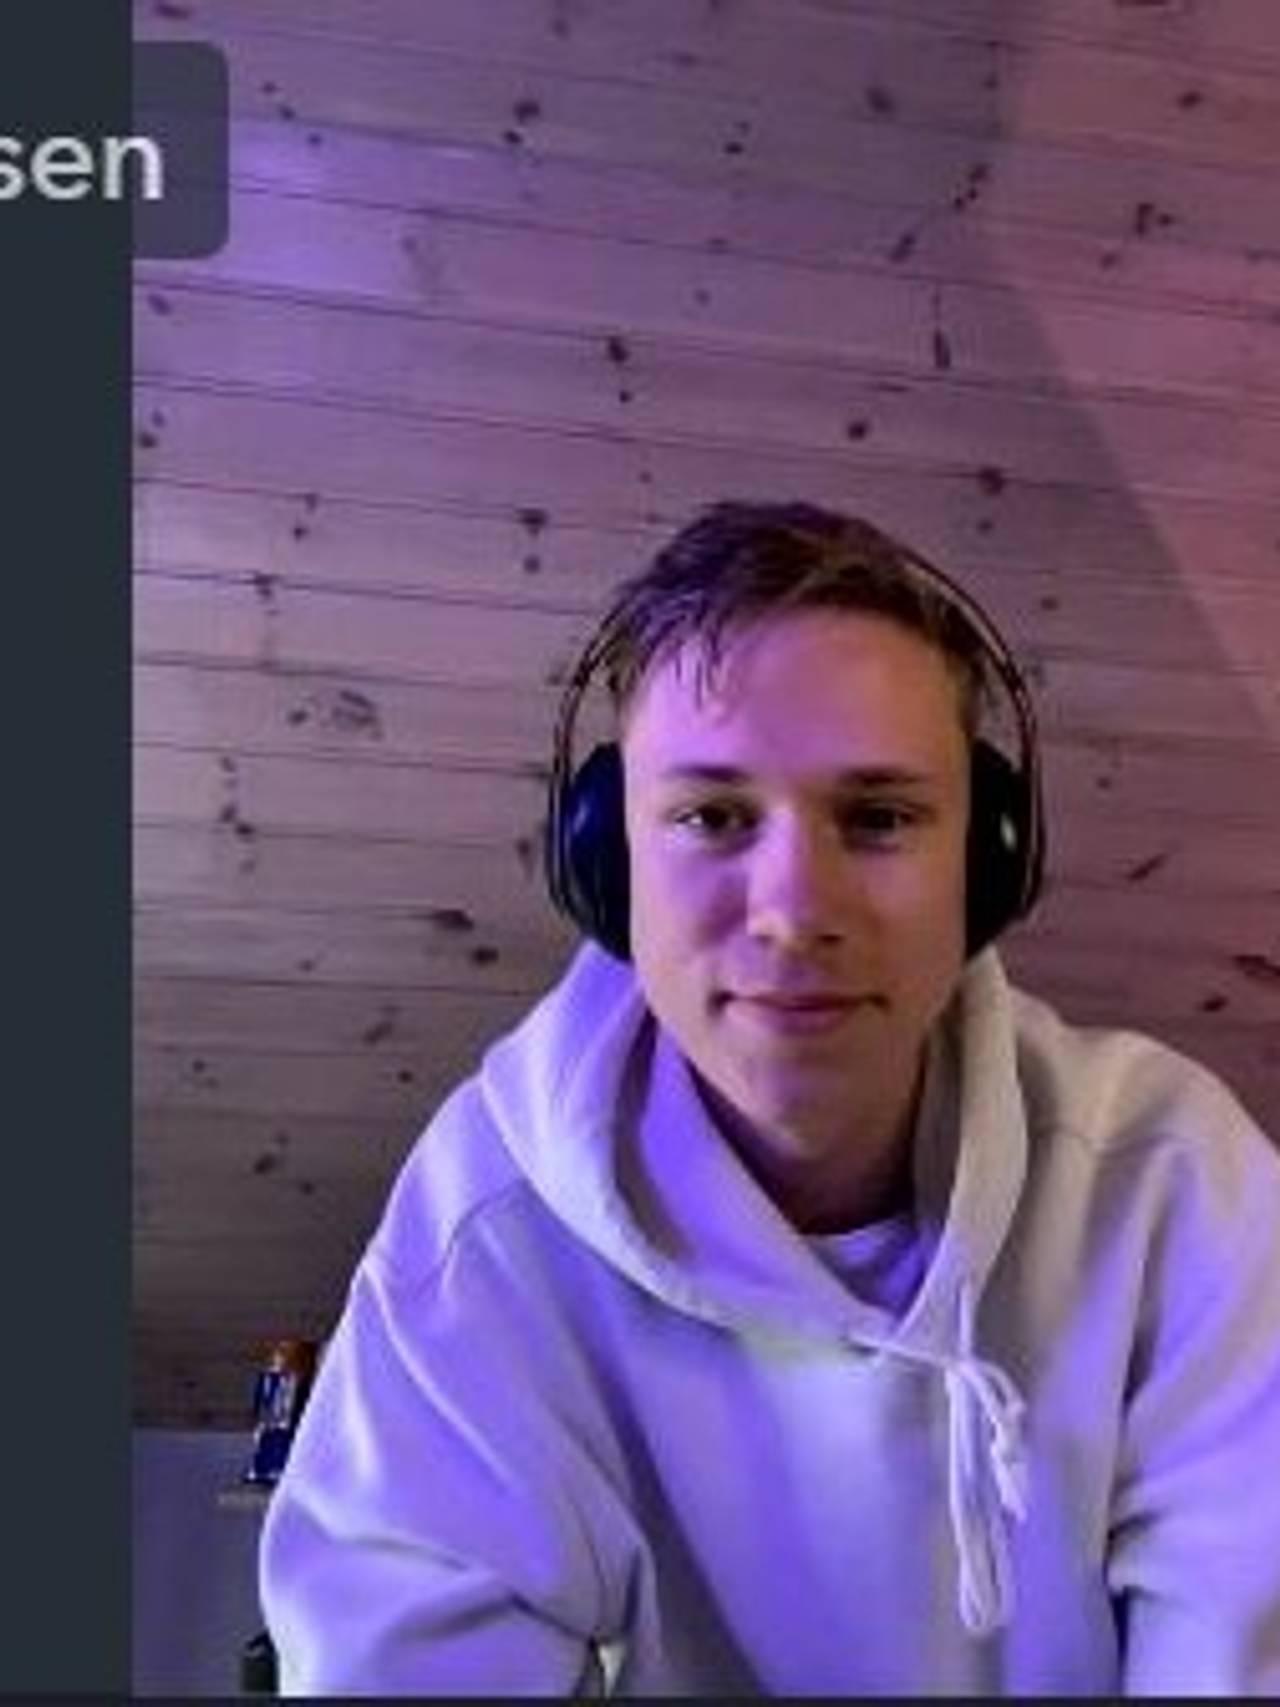 Ludvig Jensen